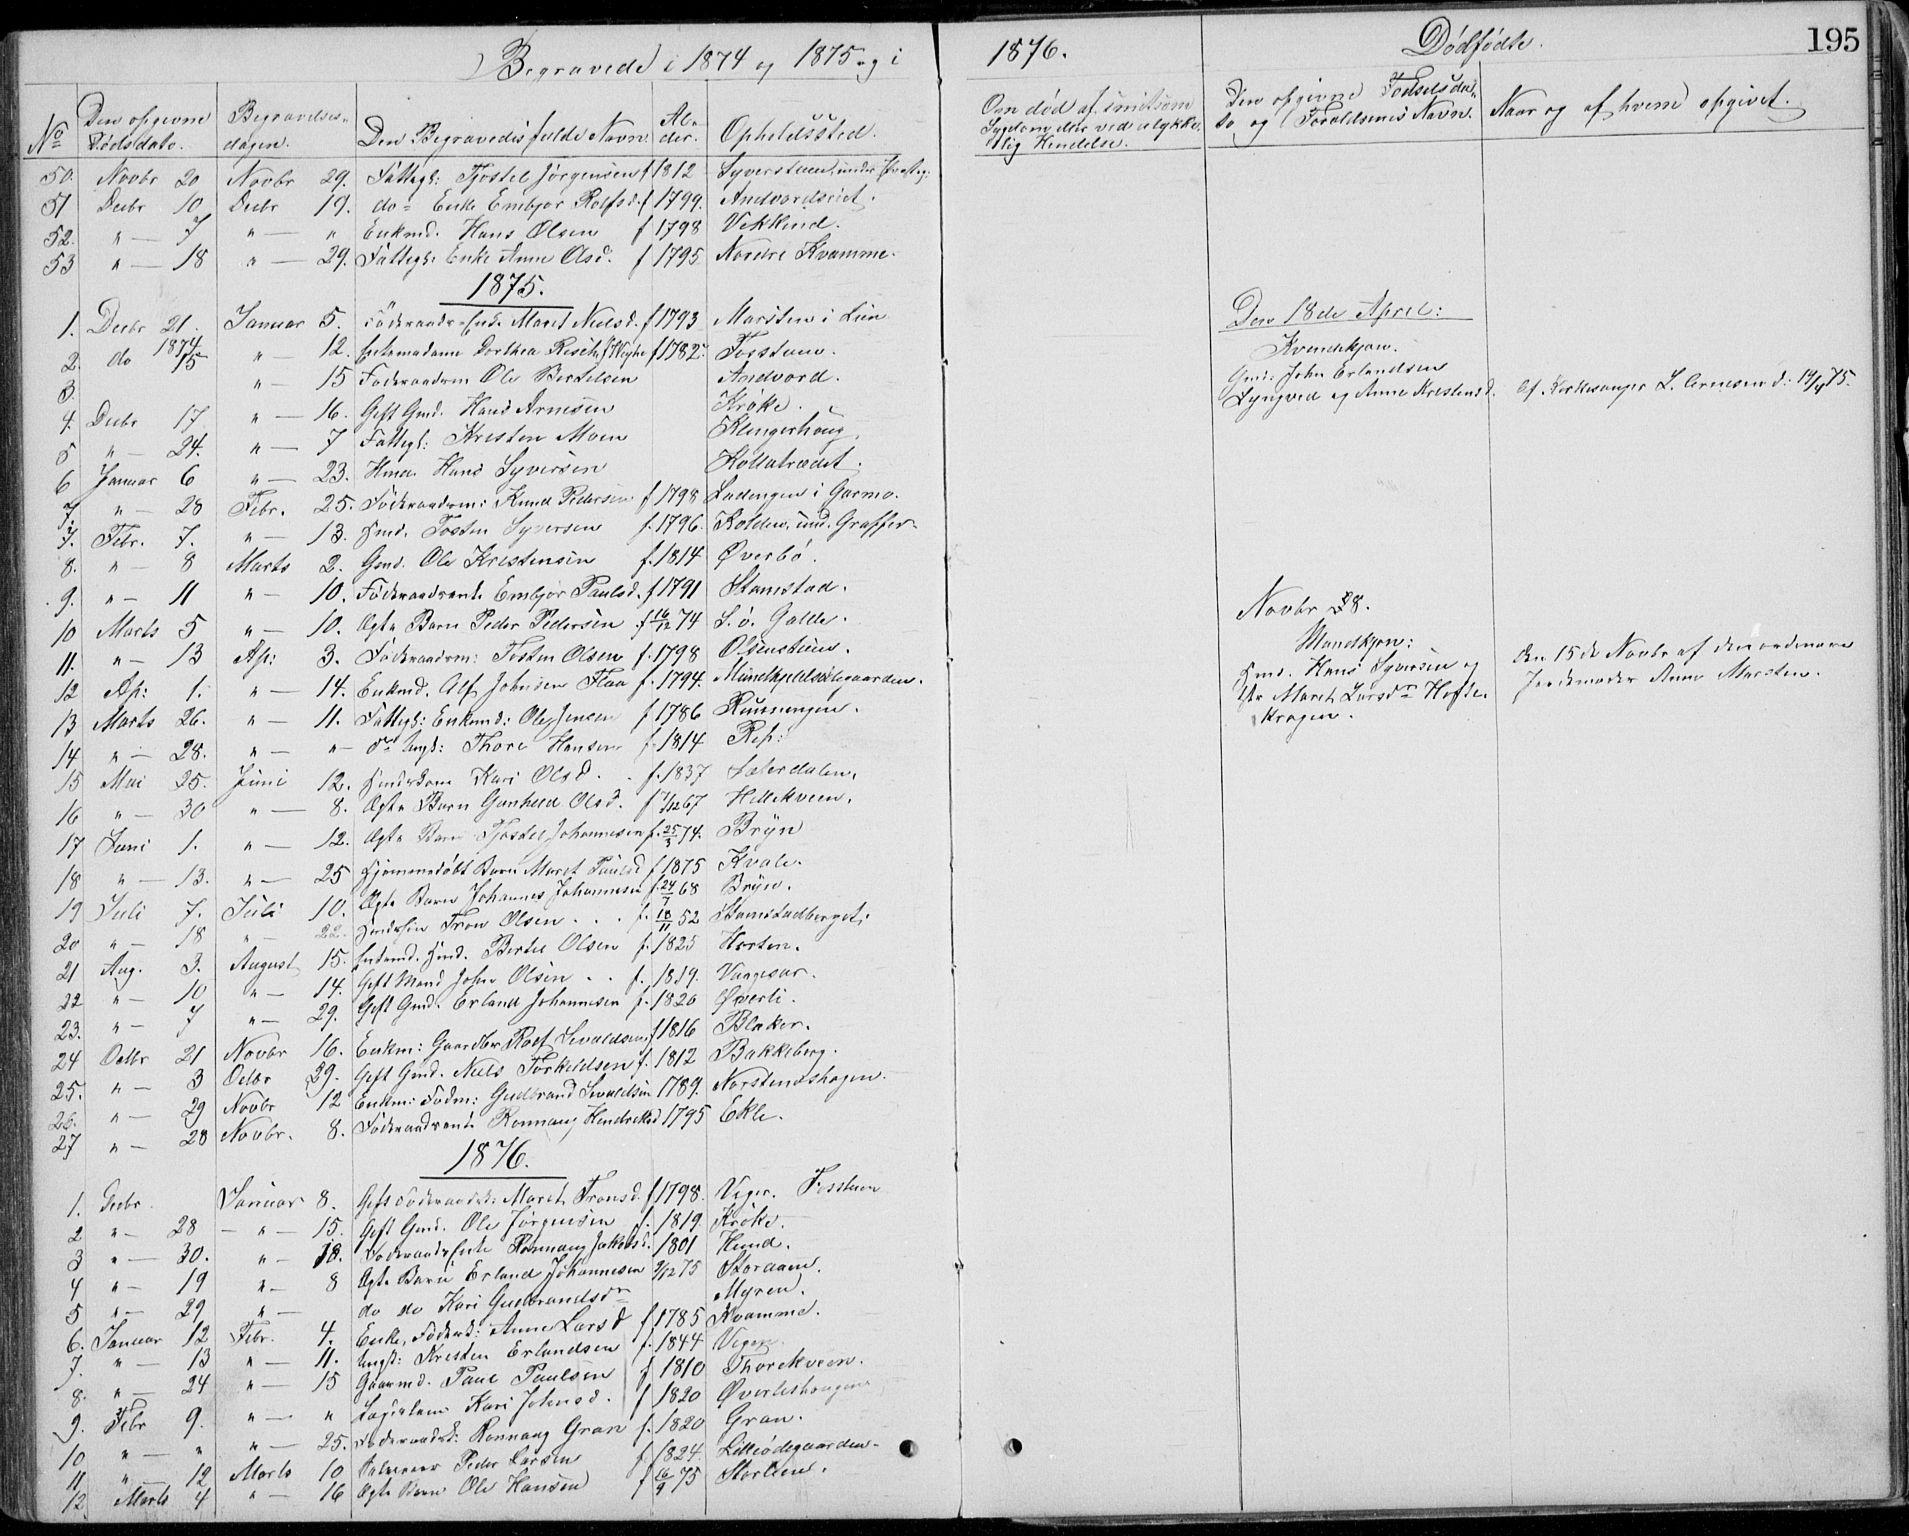 SAH, Lom prestekontor, L/L0013: Klokkerbok nr. 13, 1874-1938, s. 195